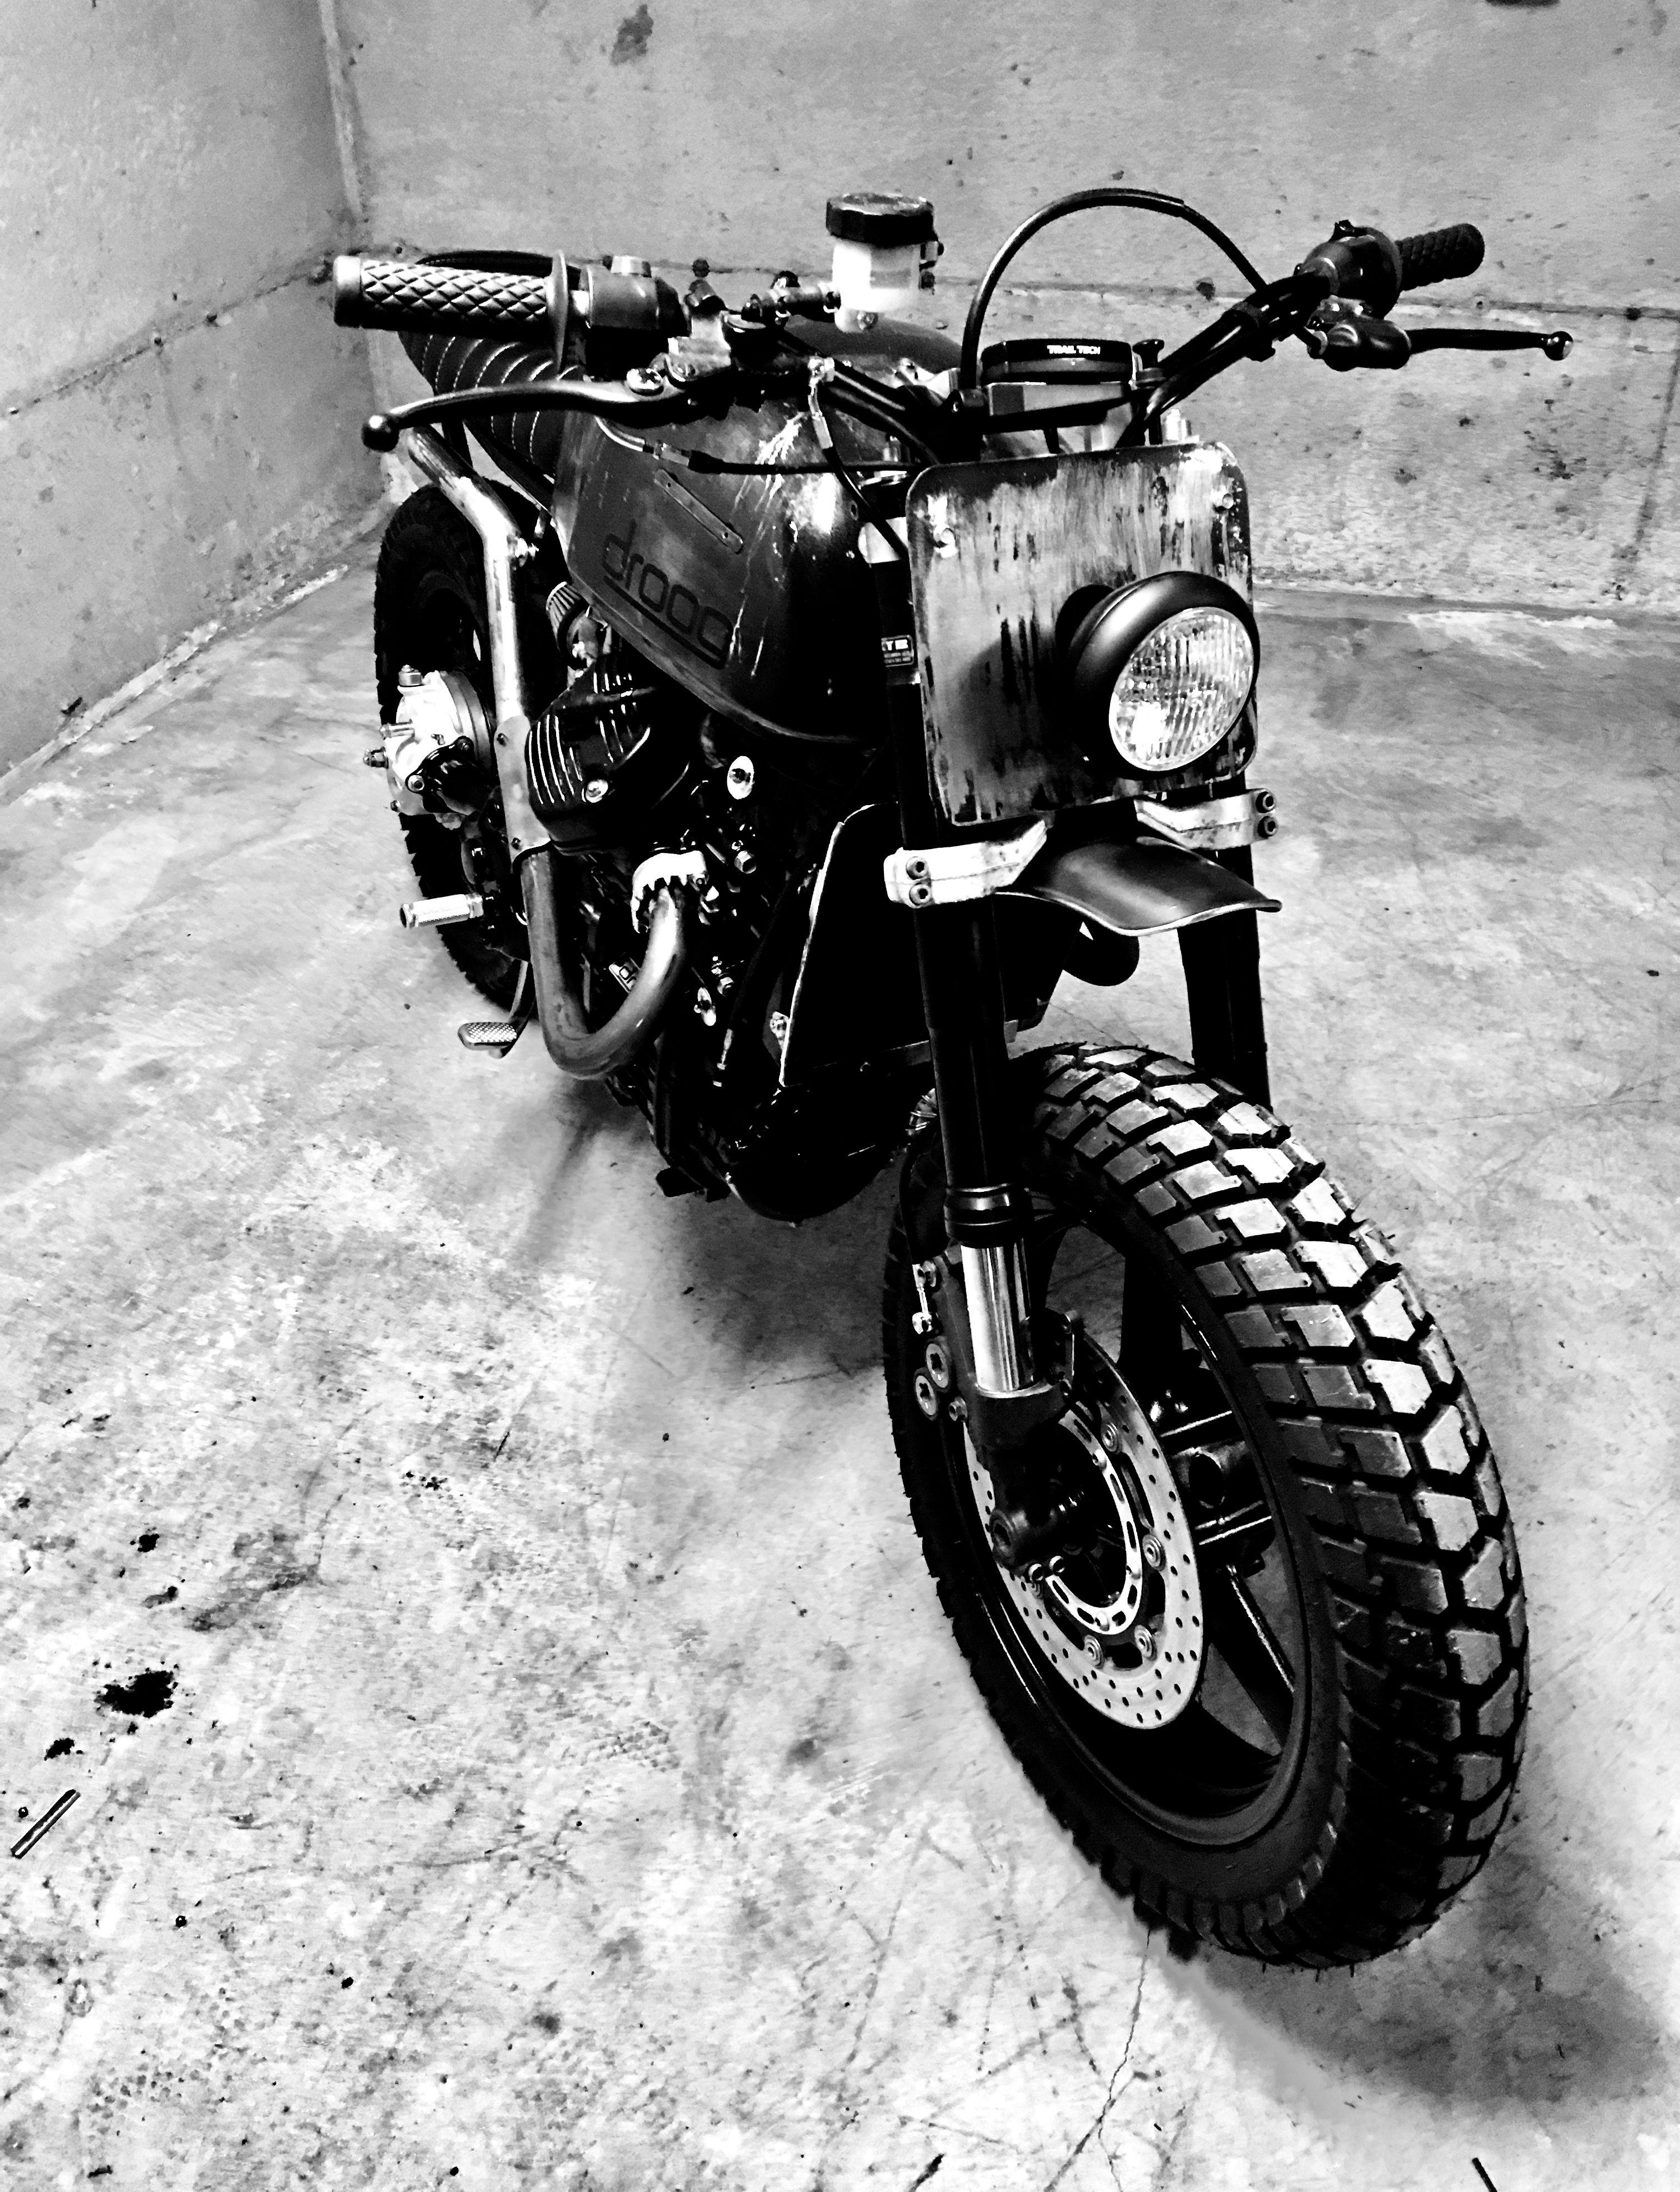 Droog Moto CX500 Scrambler